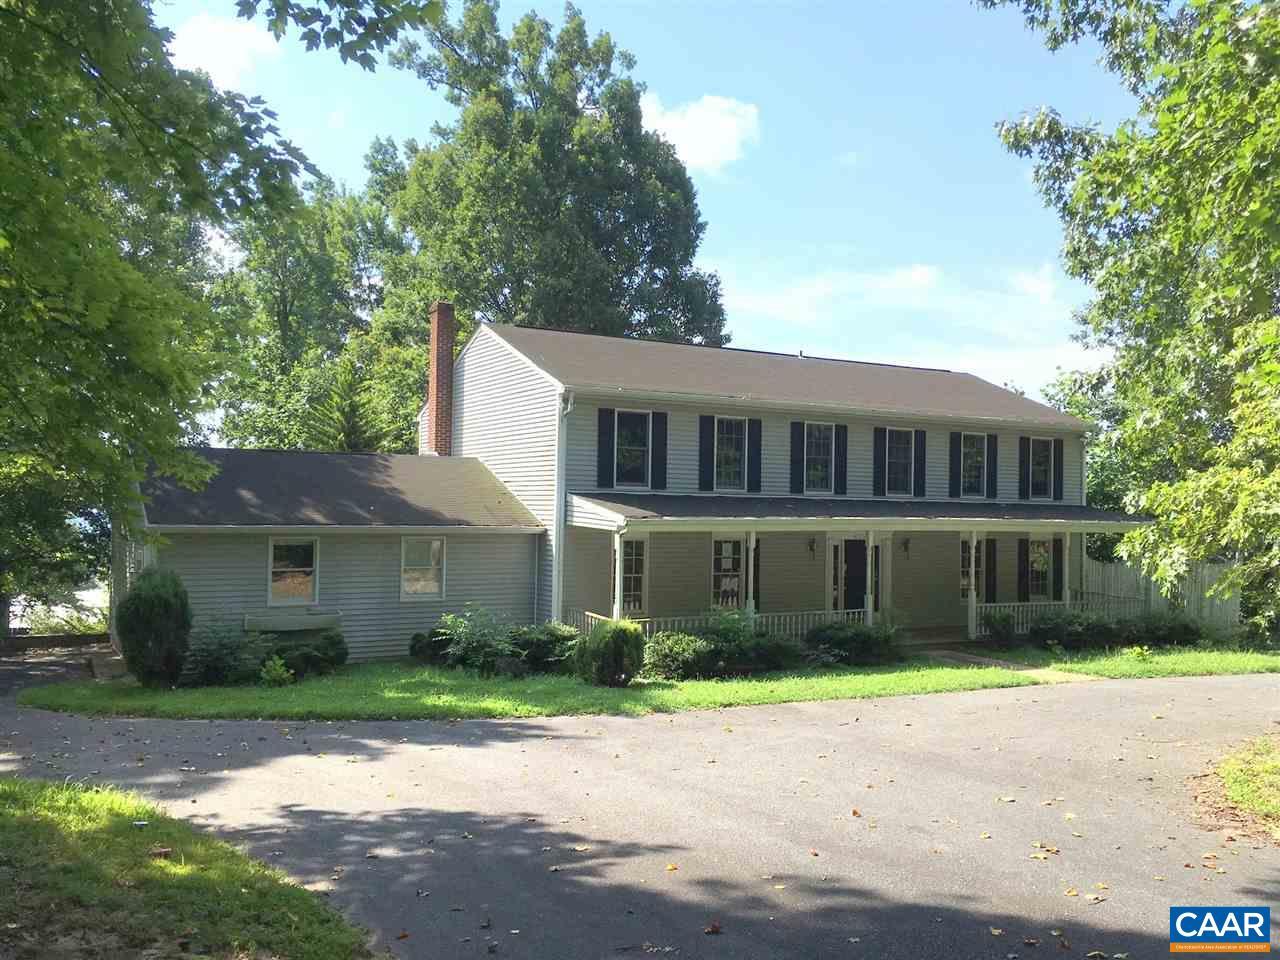 435 COURTHOUSE MOUNTAIN RD, MADISON, VA 22727